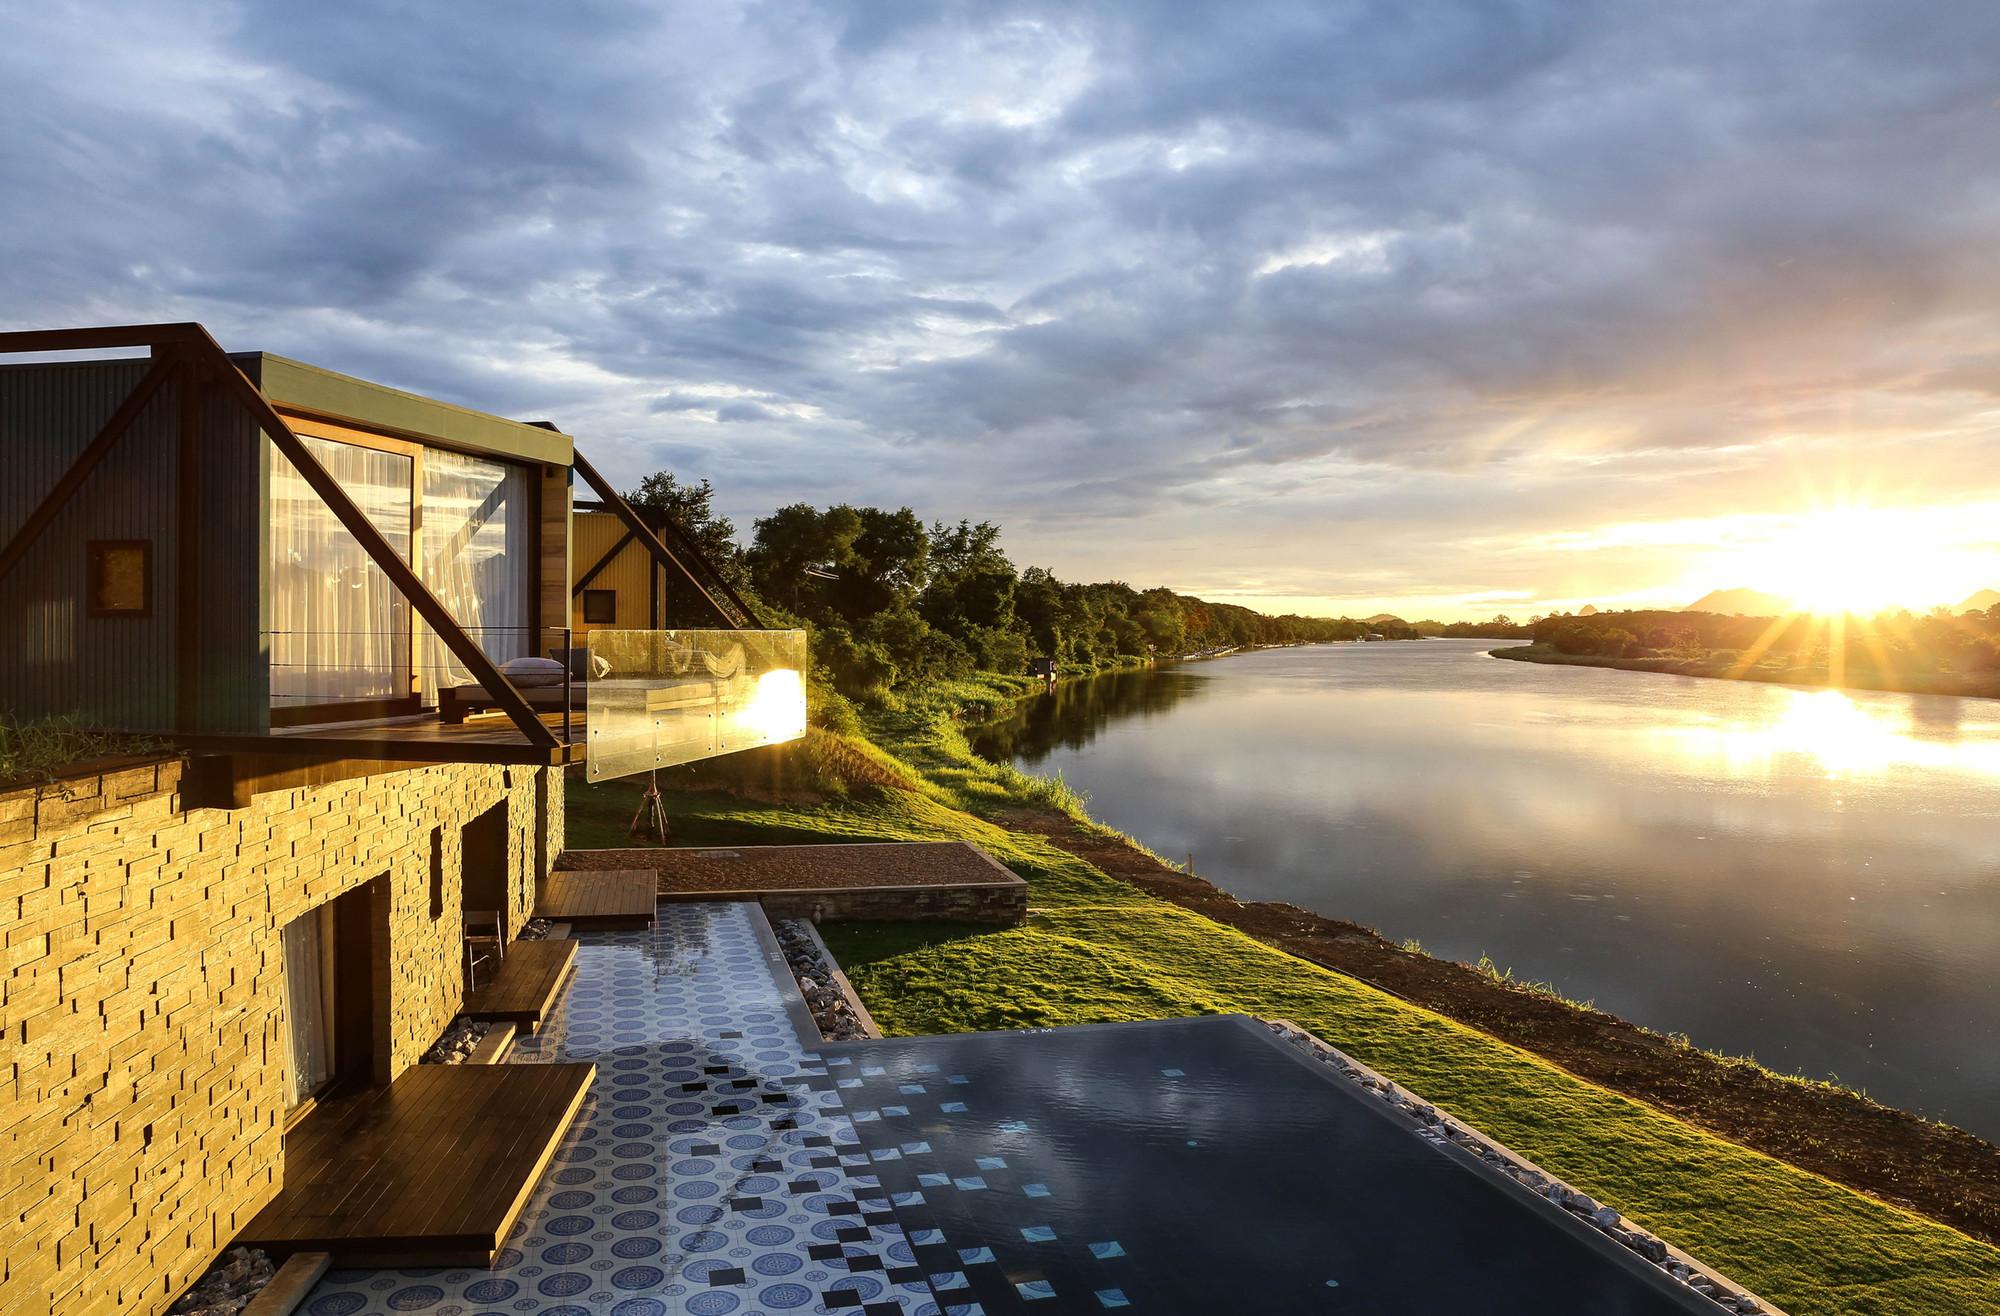 X2 River Kwai / agaligo studio, Courtesy of agaligo studio